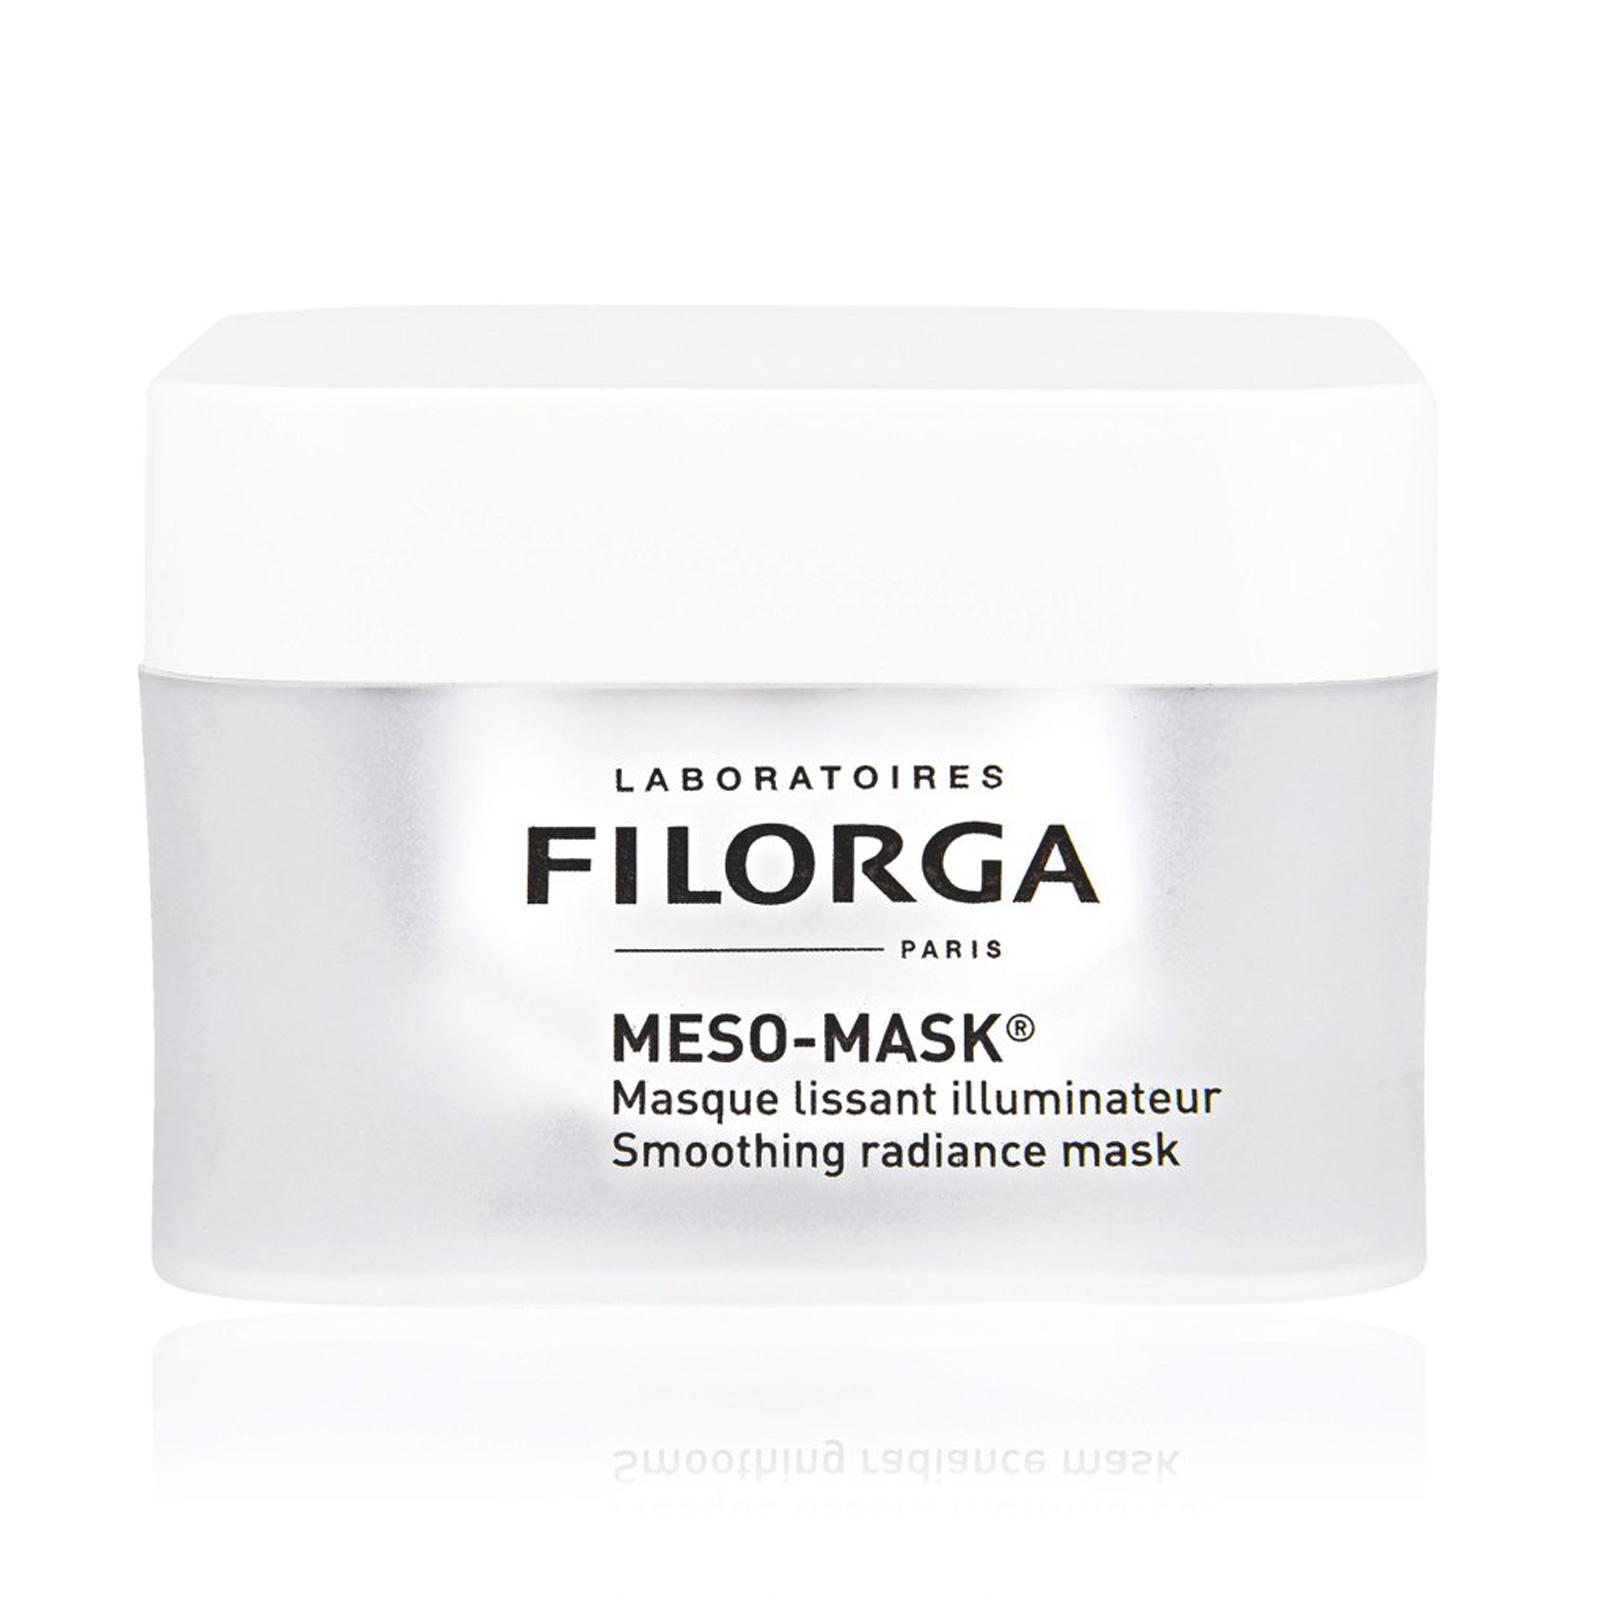 Meso-Mask Smoothing Radiance Mask